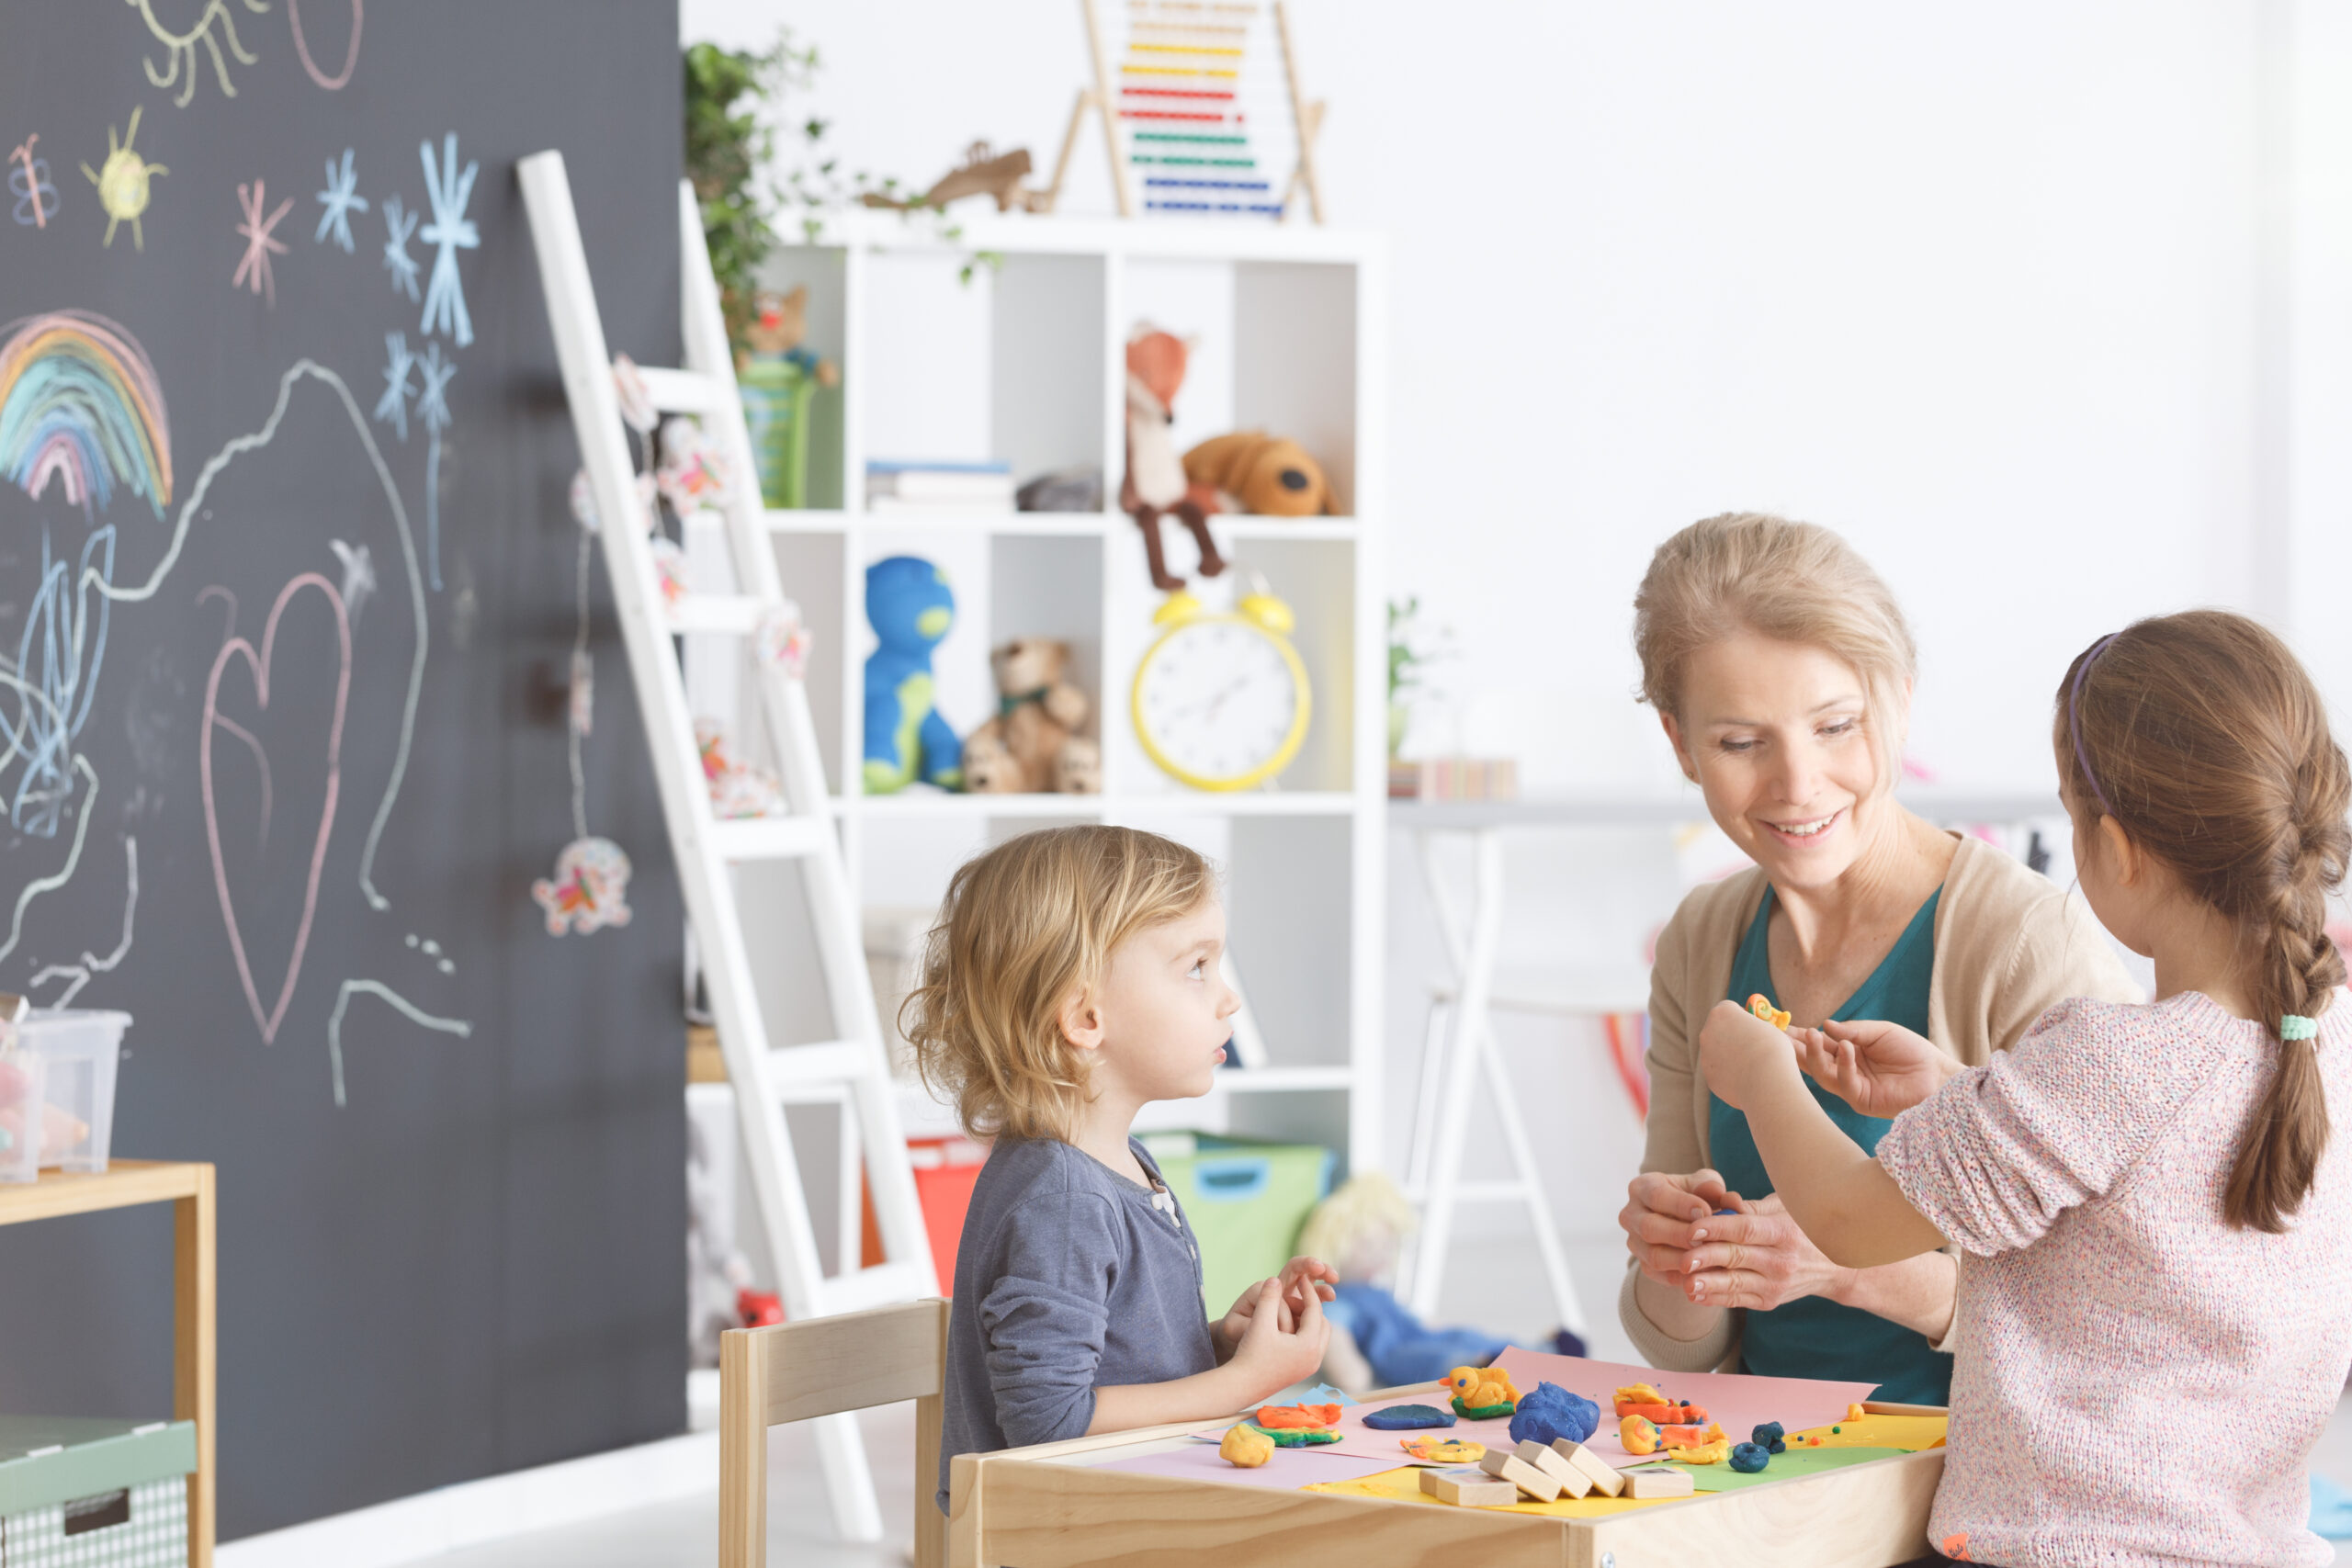 Kindertagesstätten - Anmeldungen für 2021